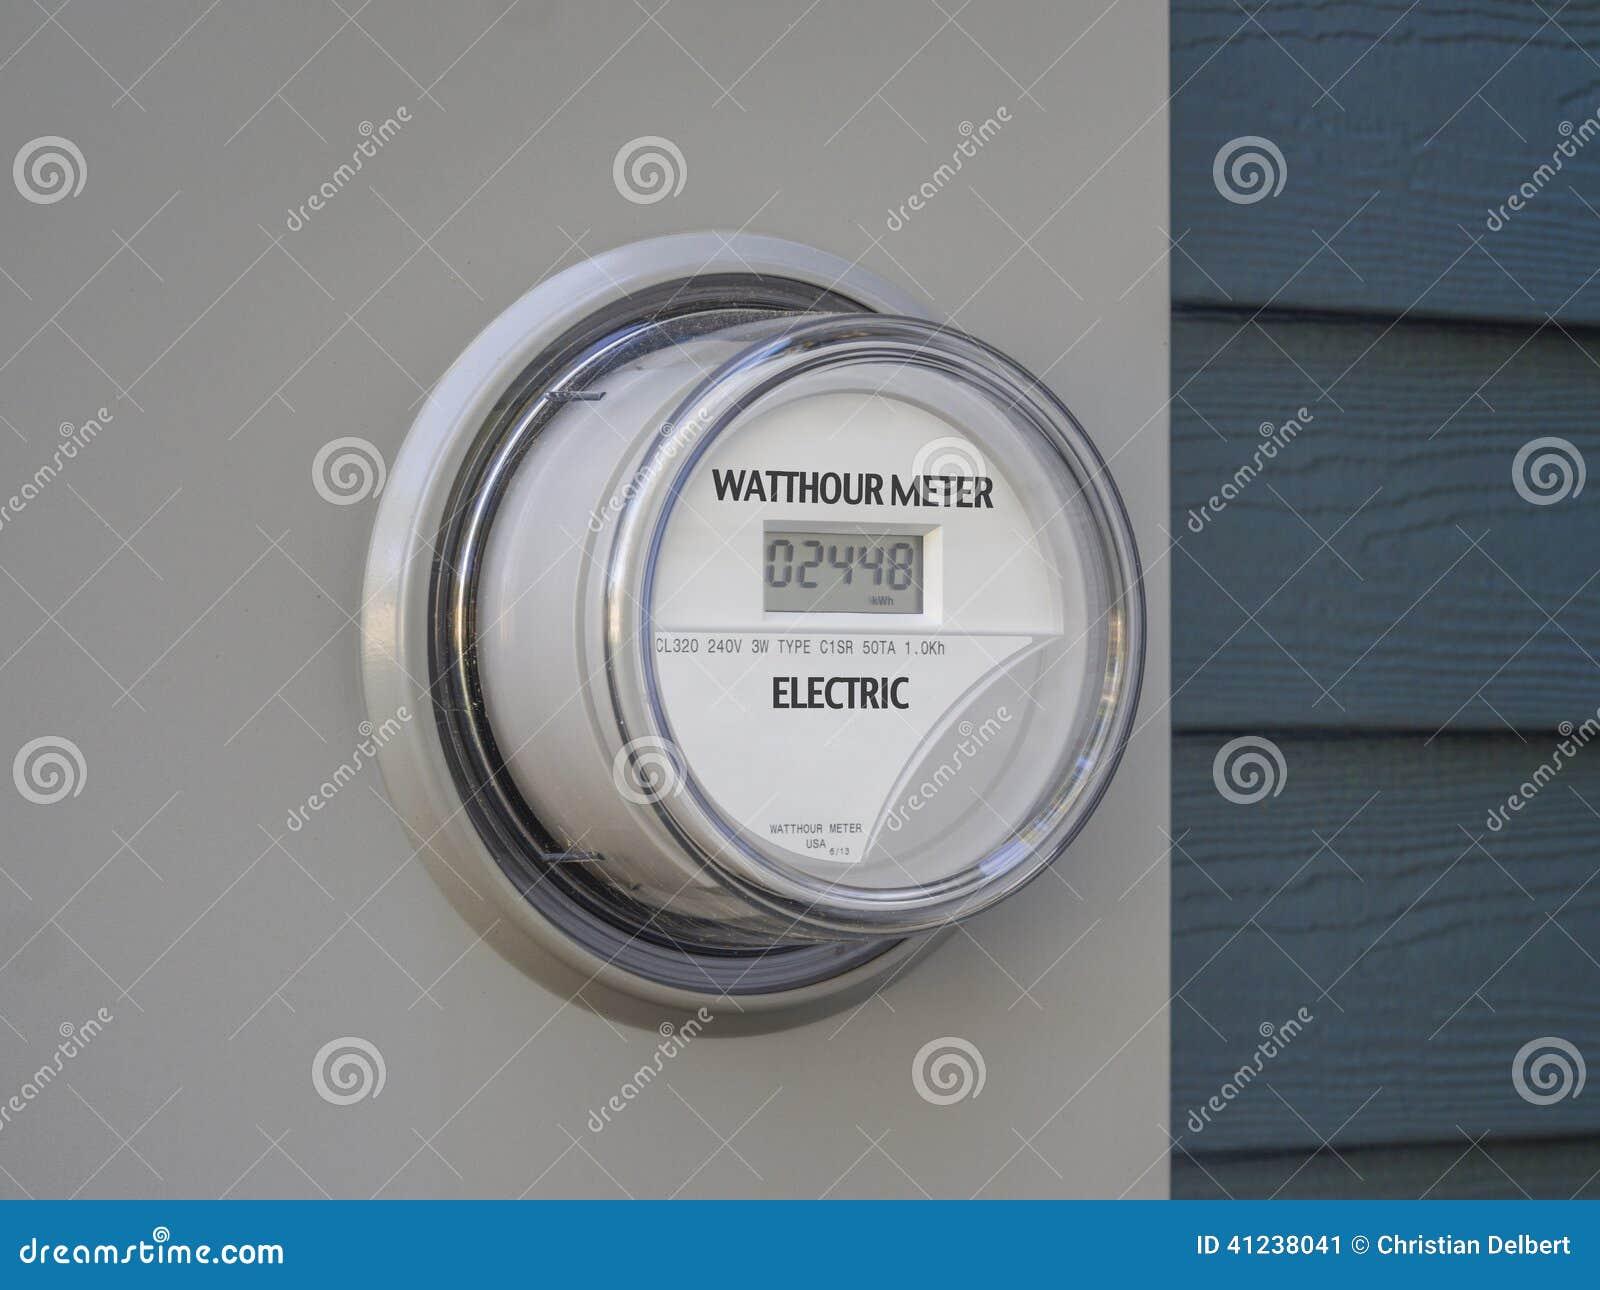 Ψηφιακός ηλεκτρικός μετρητής παροχής ηλεκτρικού ρεύματος